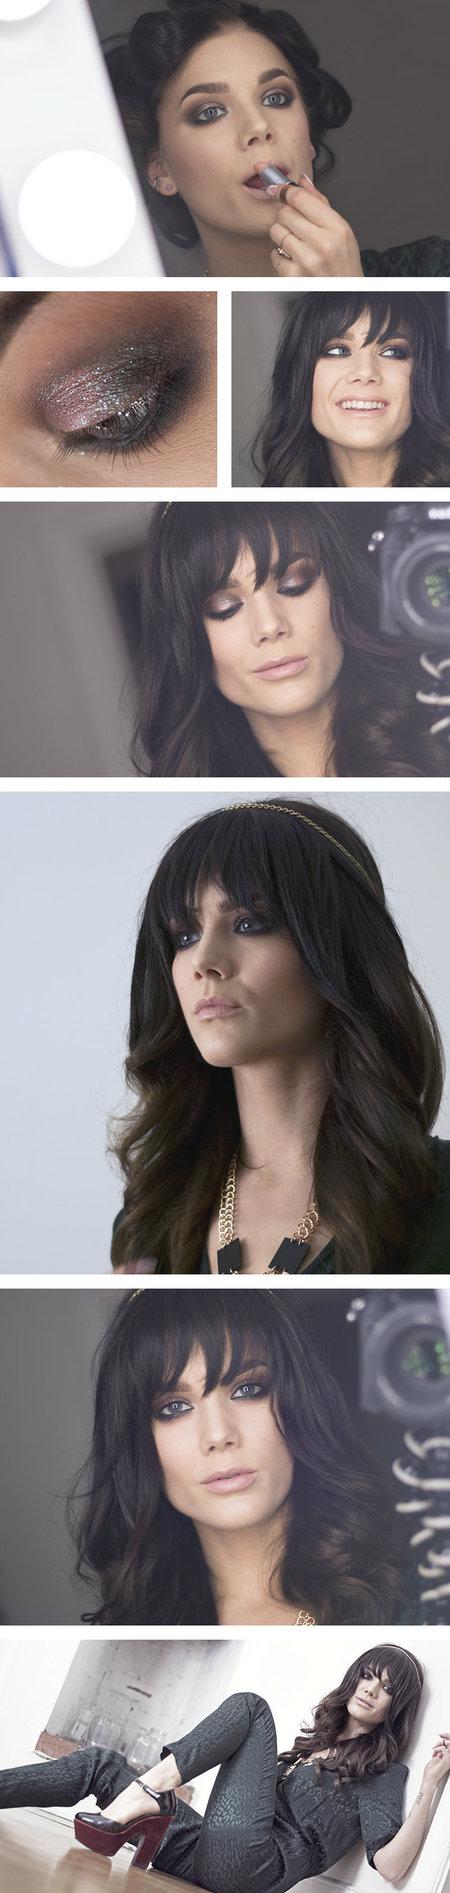 Gorgeous Bangs!  #stureplan_se #lindahallberg #hairstyle #hairdo #curls #bangs #makeup #beauty - bellashoot.com